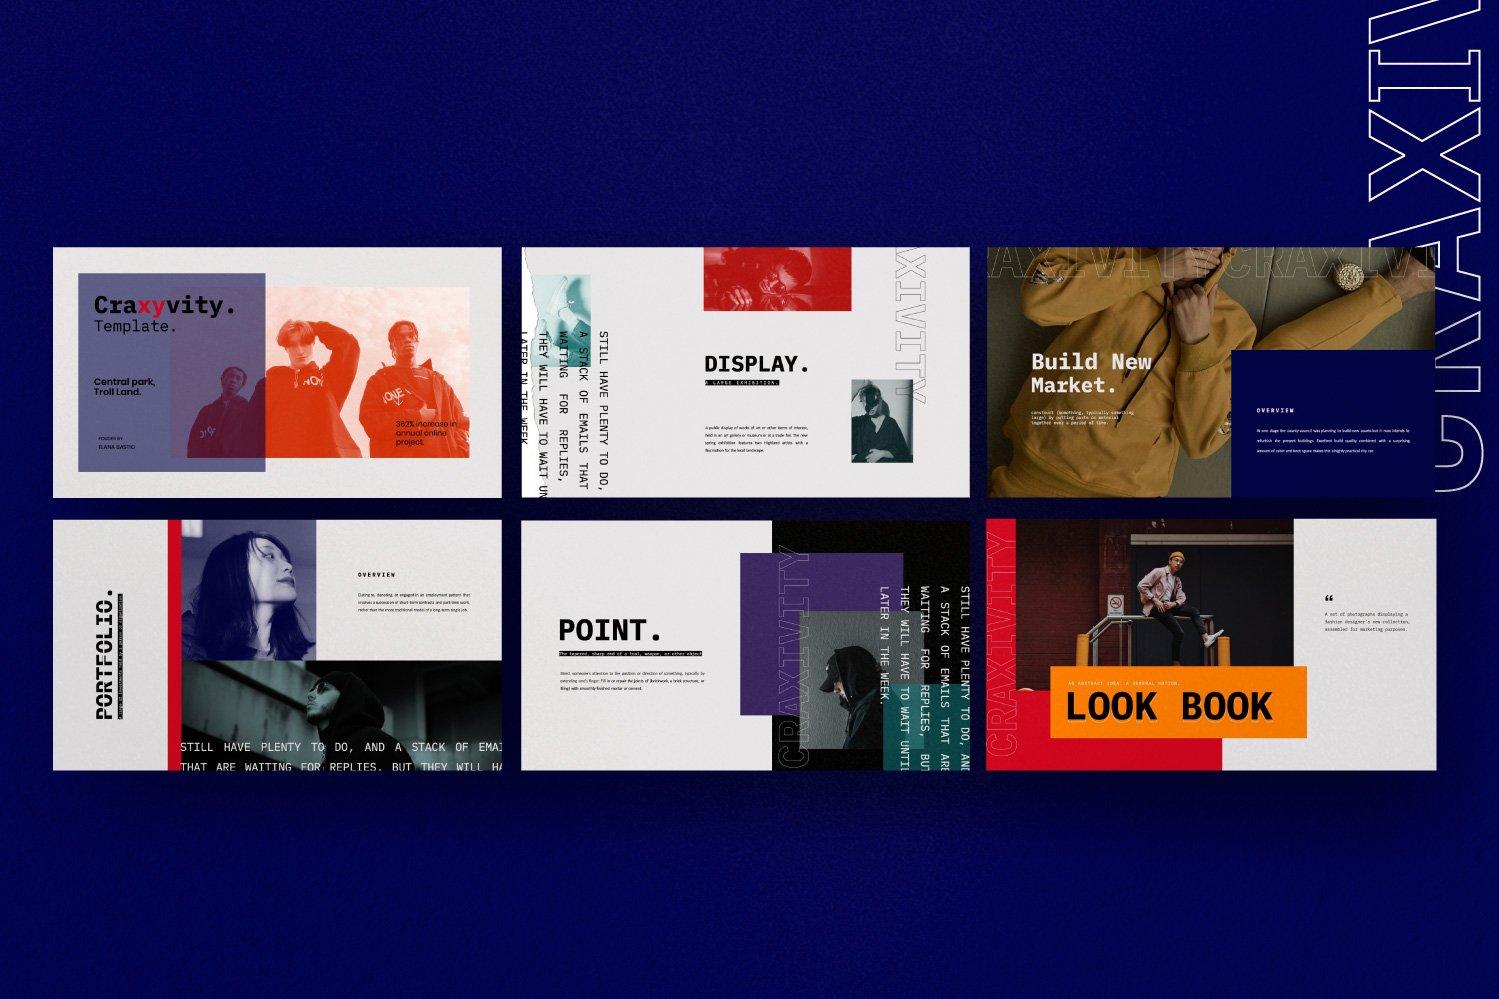 时尚潮流商业策划书幻灯片设计模板 CRAXITVIY – Powerpoint插图(3)